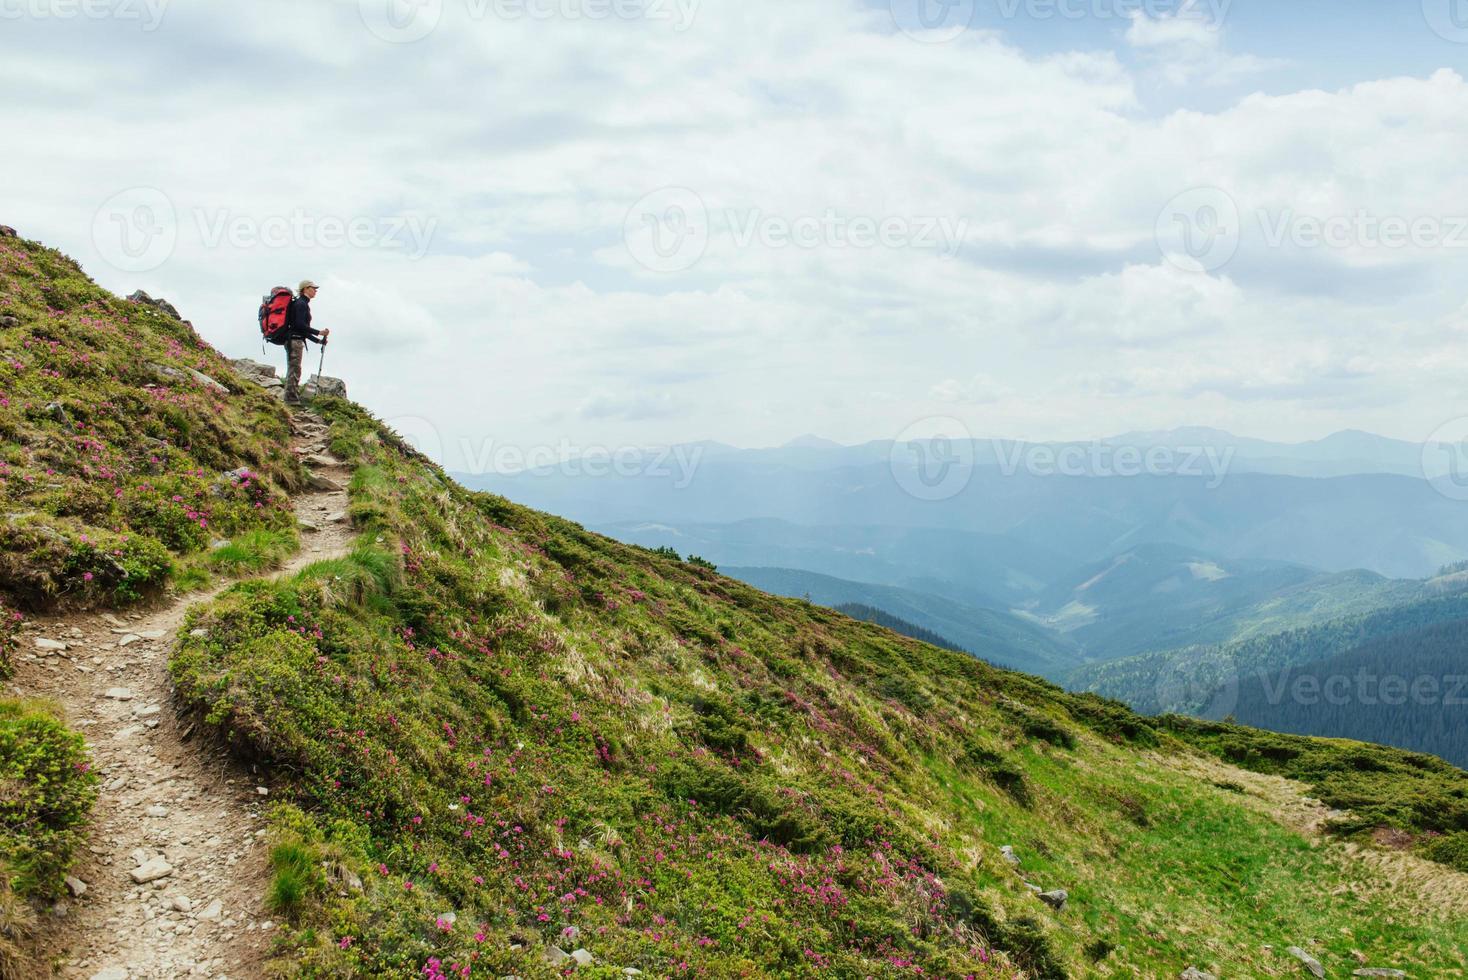 vrouwen wandelen met rugzak in de bergen foto